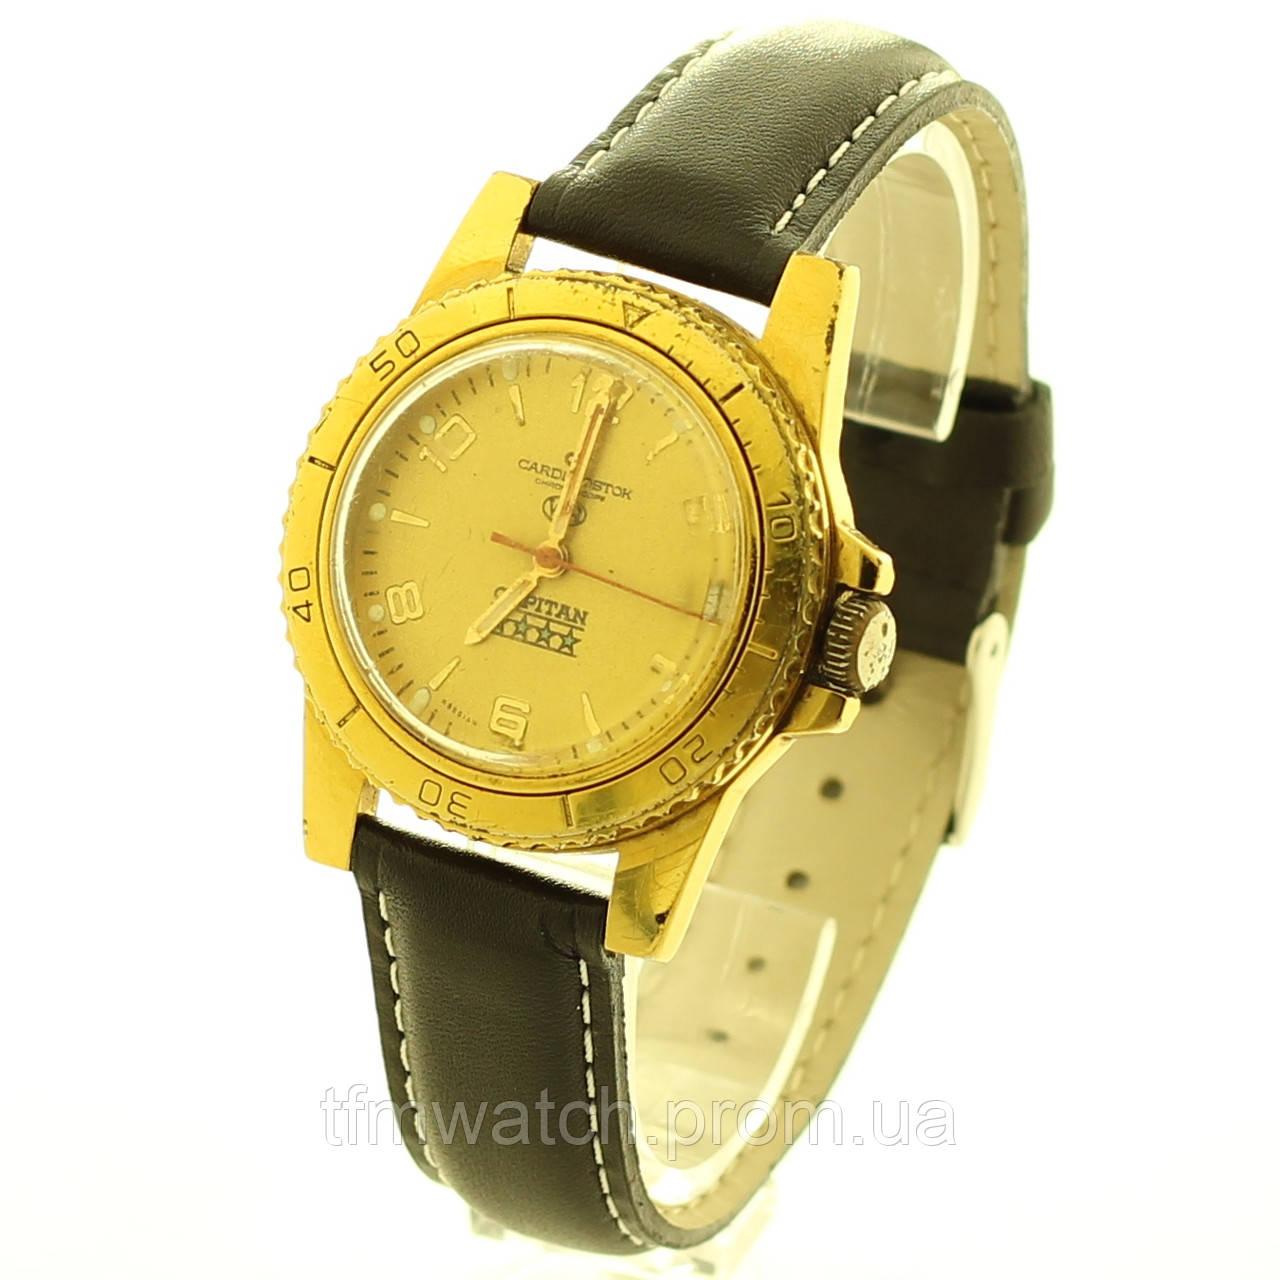 часы ручные женские купить недорогие